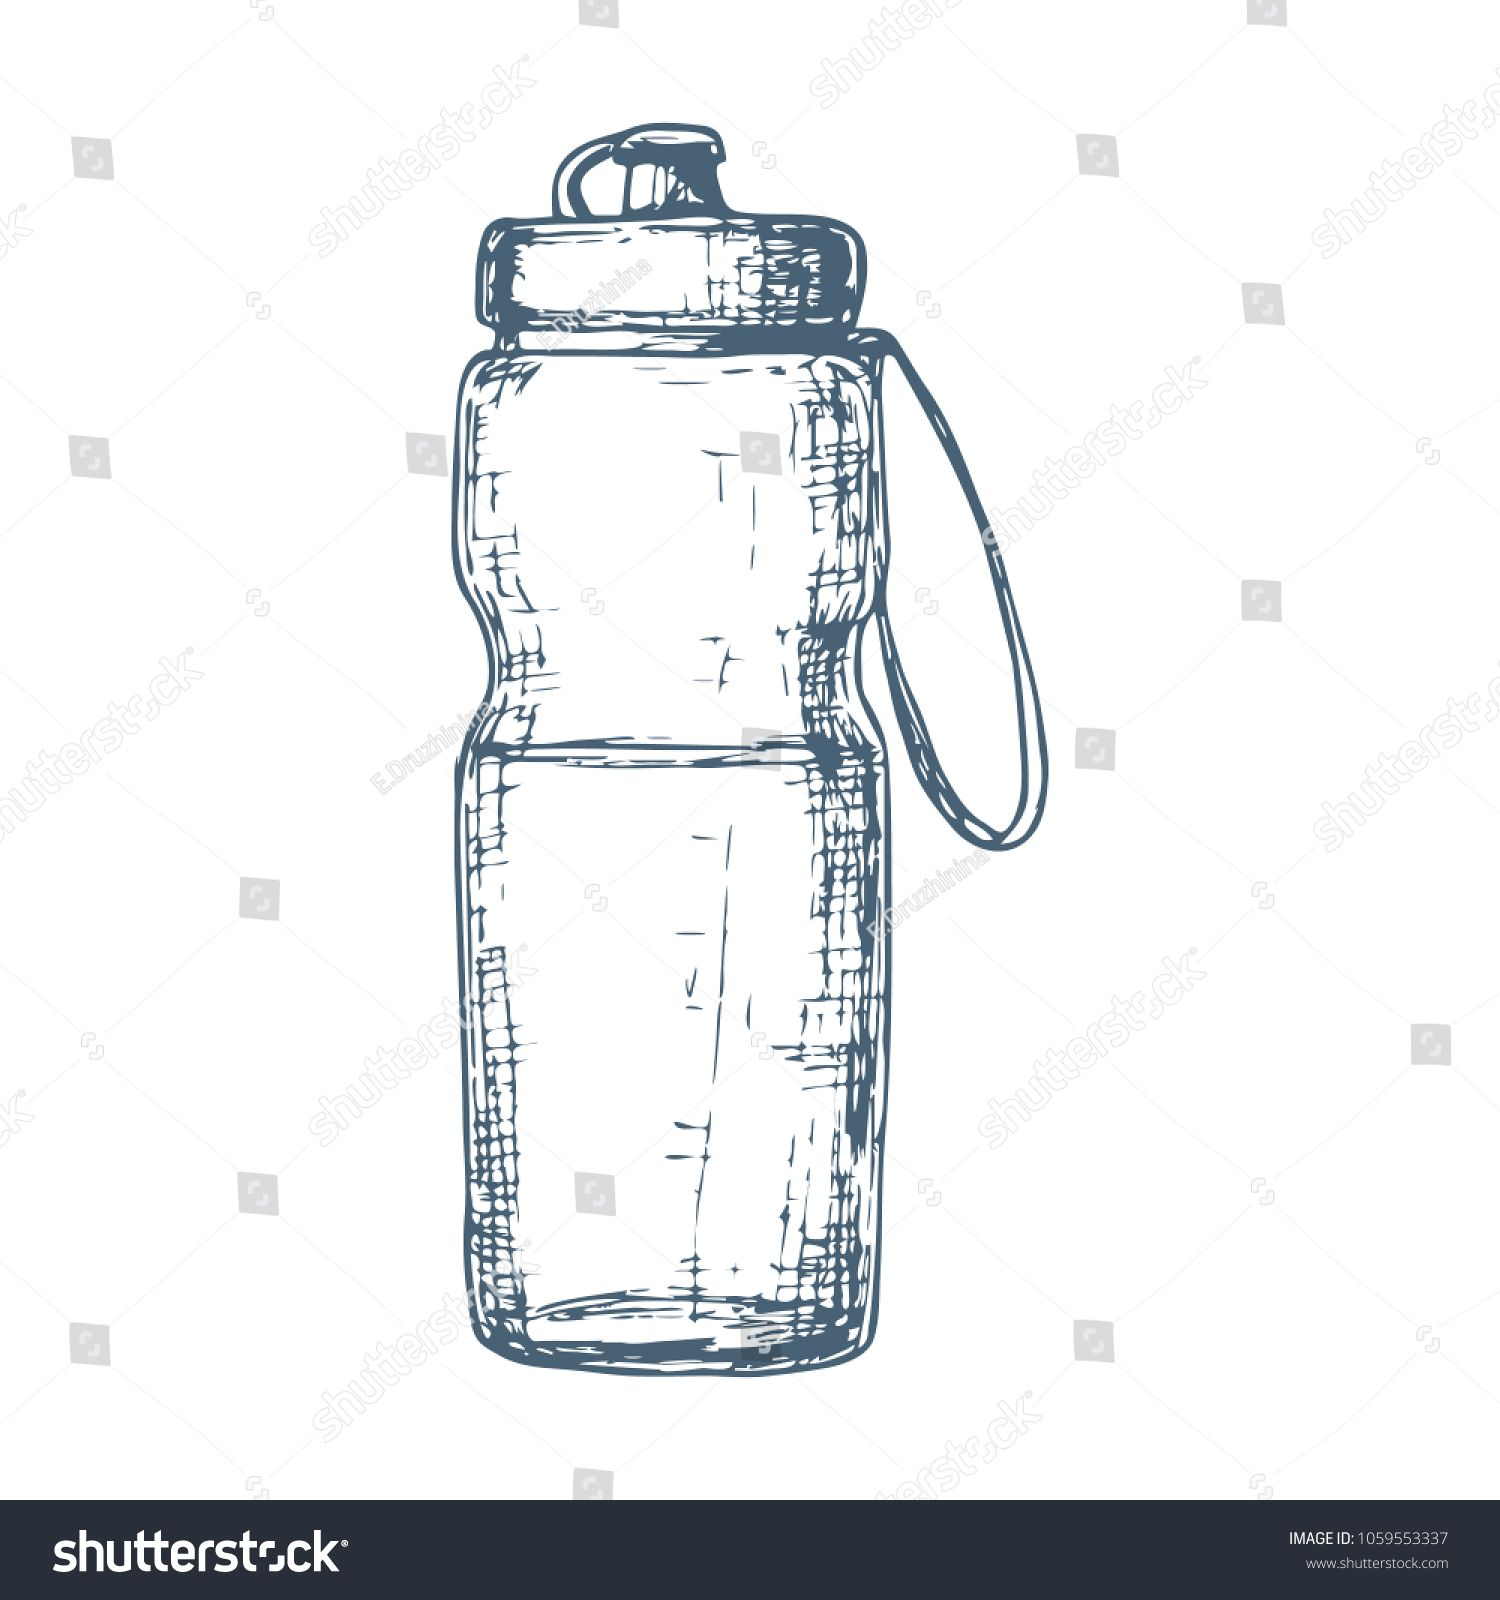 Fitness water bottle, cartoon illustration of gym equipment for home exercise. #Ad , #sponsored, #bo...